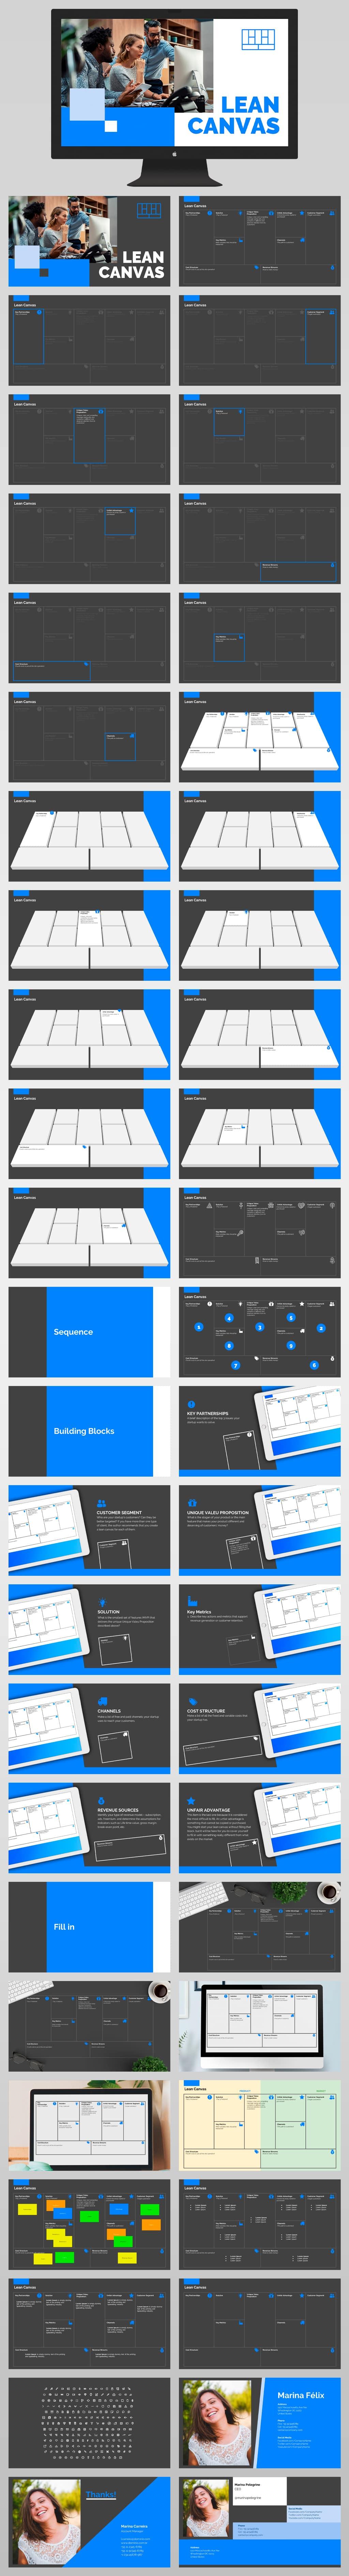 Lean Canvas Presentation Template Powerpoint All Slides Dark